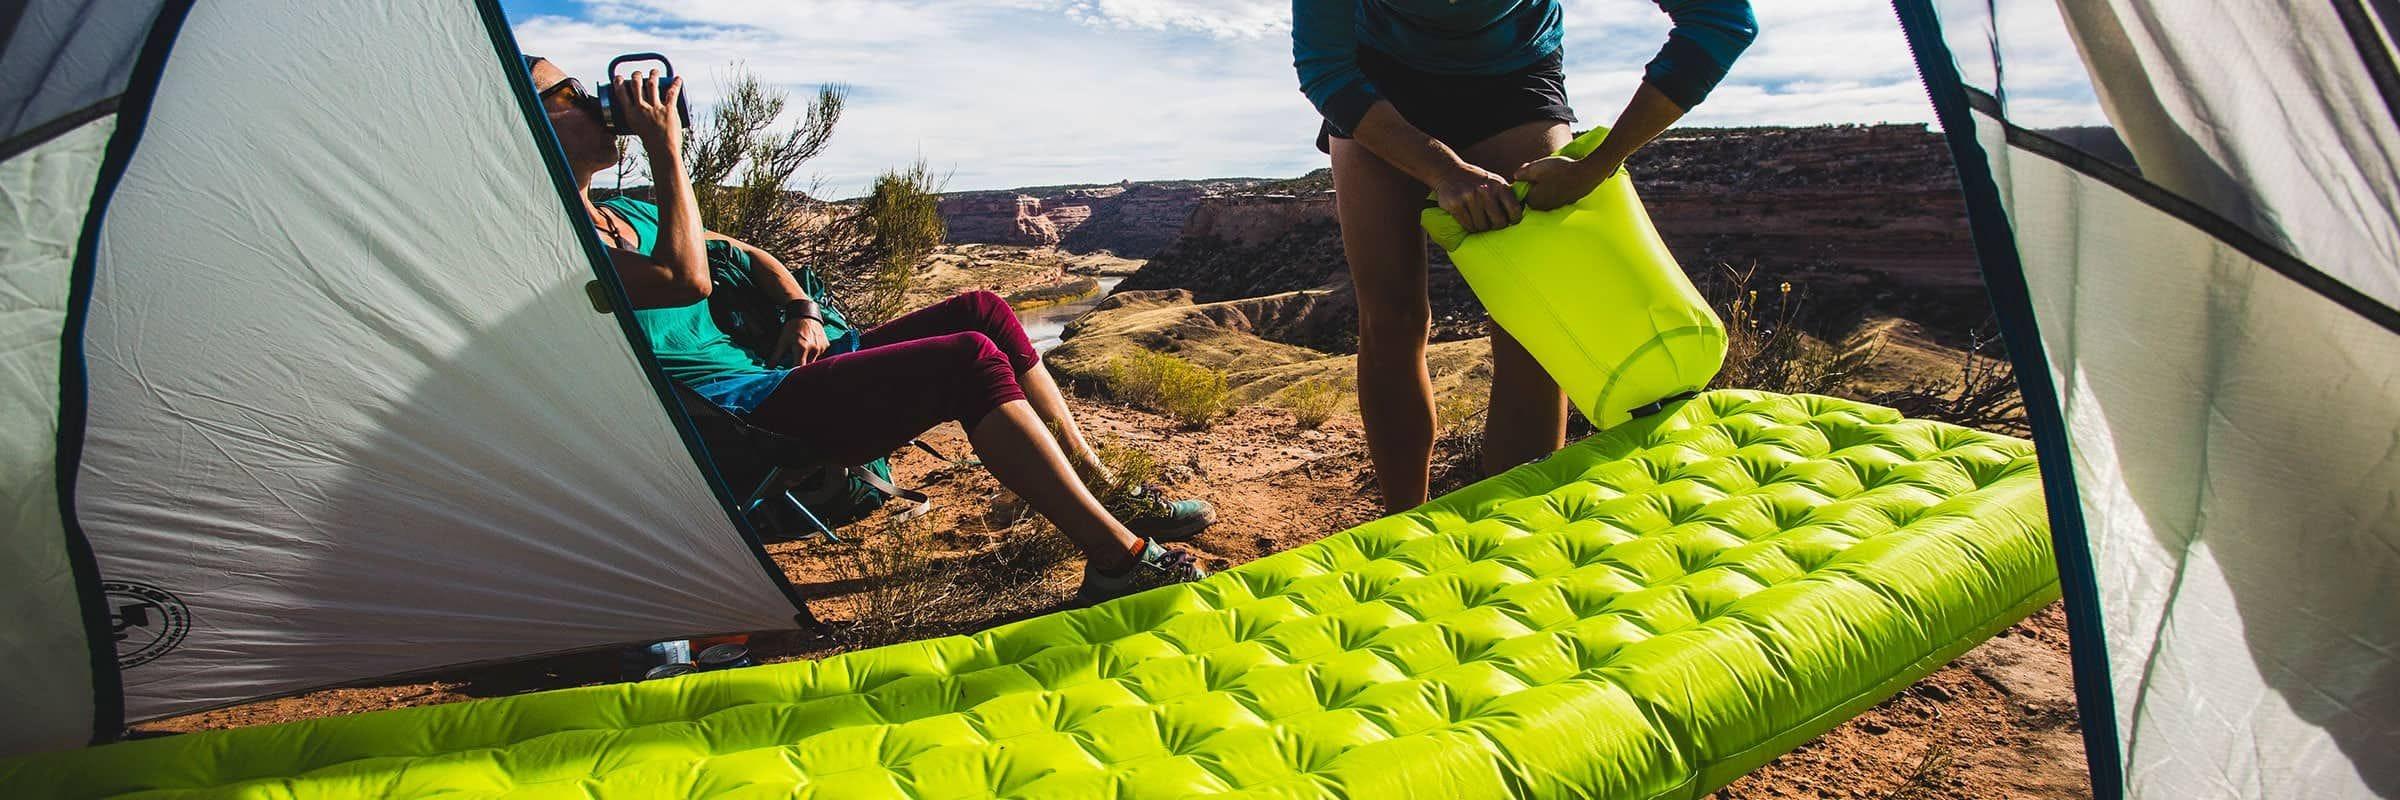 Best Camping Mattresses 2020